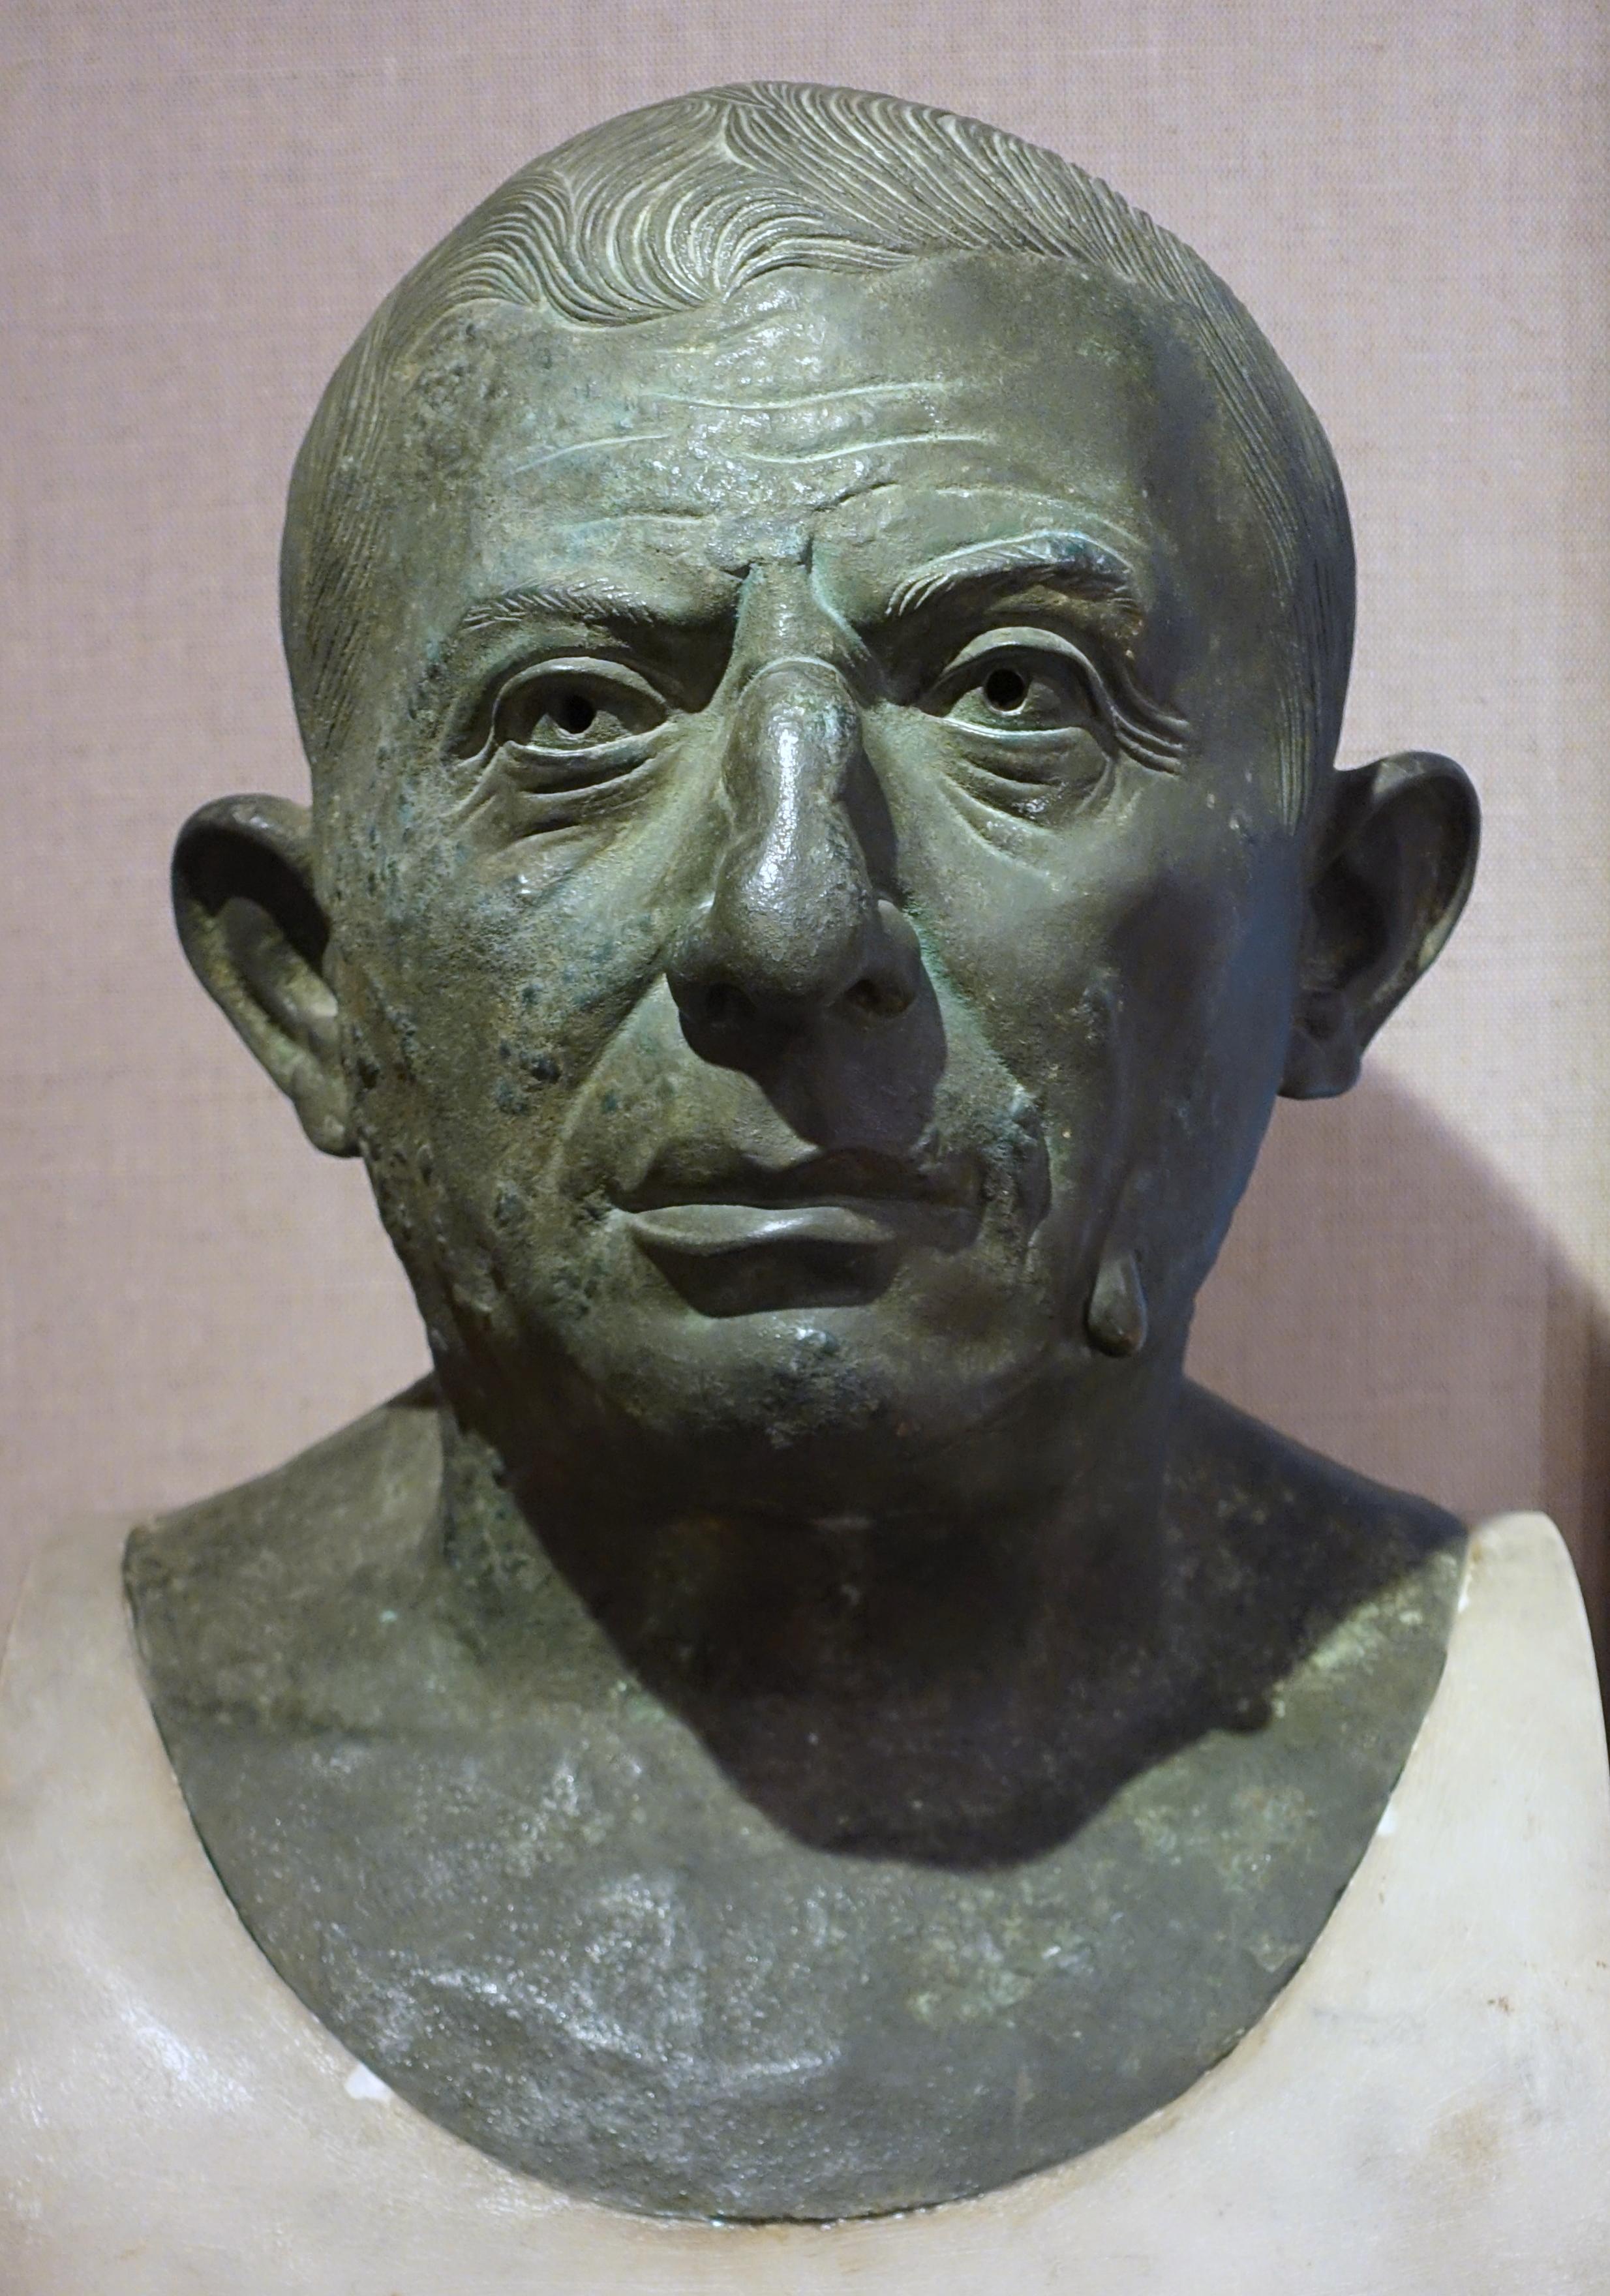 Alexander Mau lucius caecilius iucundus - wikipedia